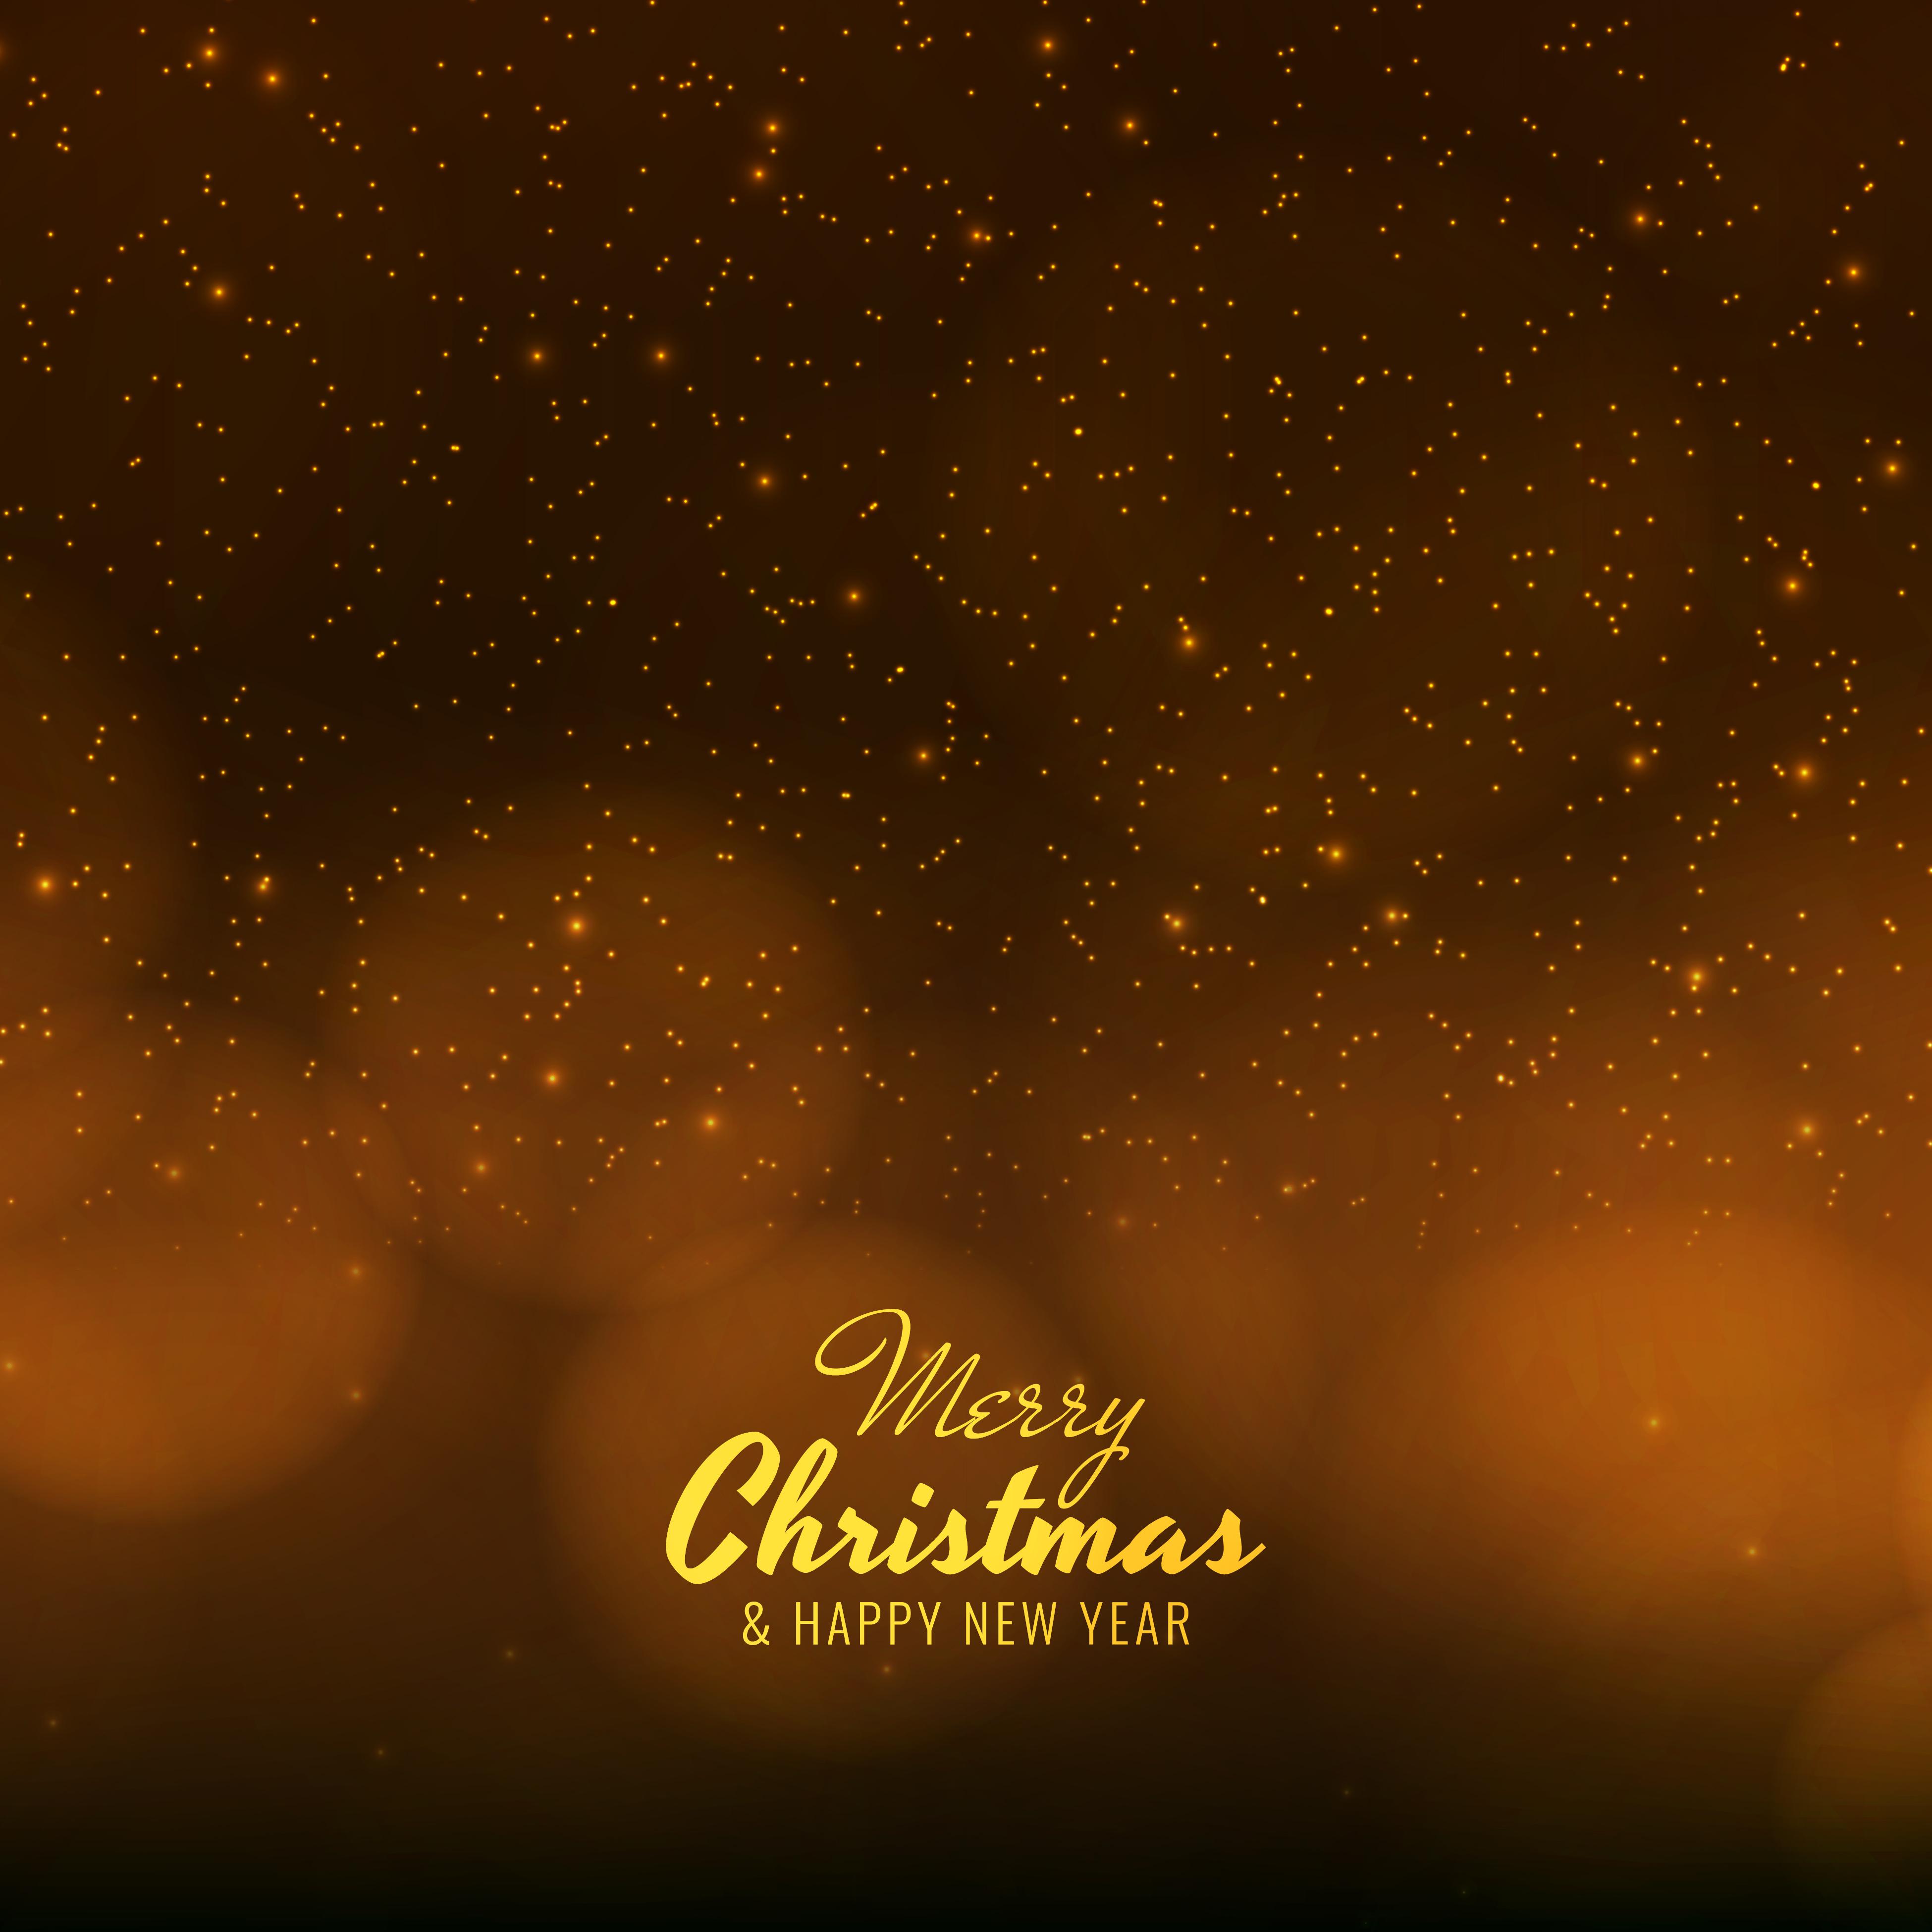 聖誕快樂英文貼圖 免費下載 | 天天瘋後製